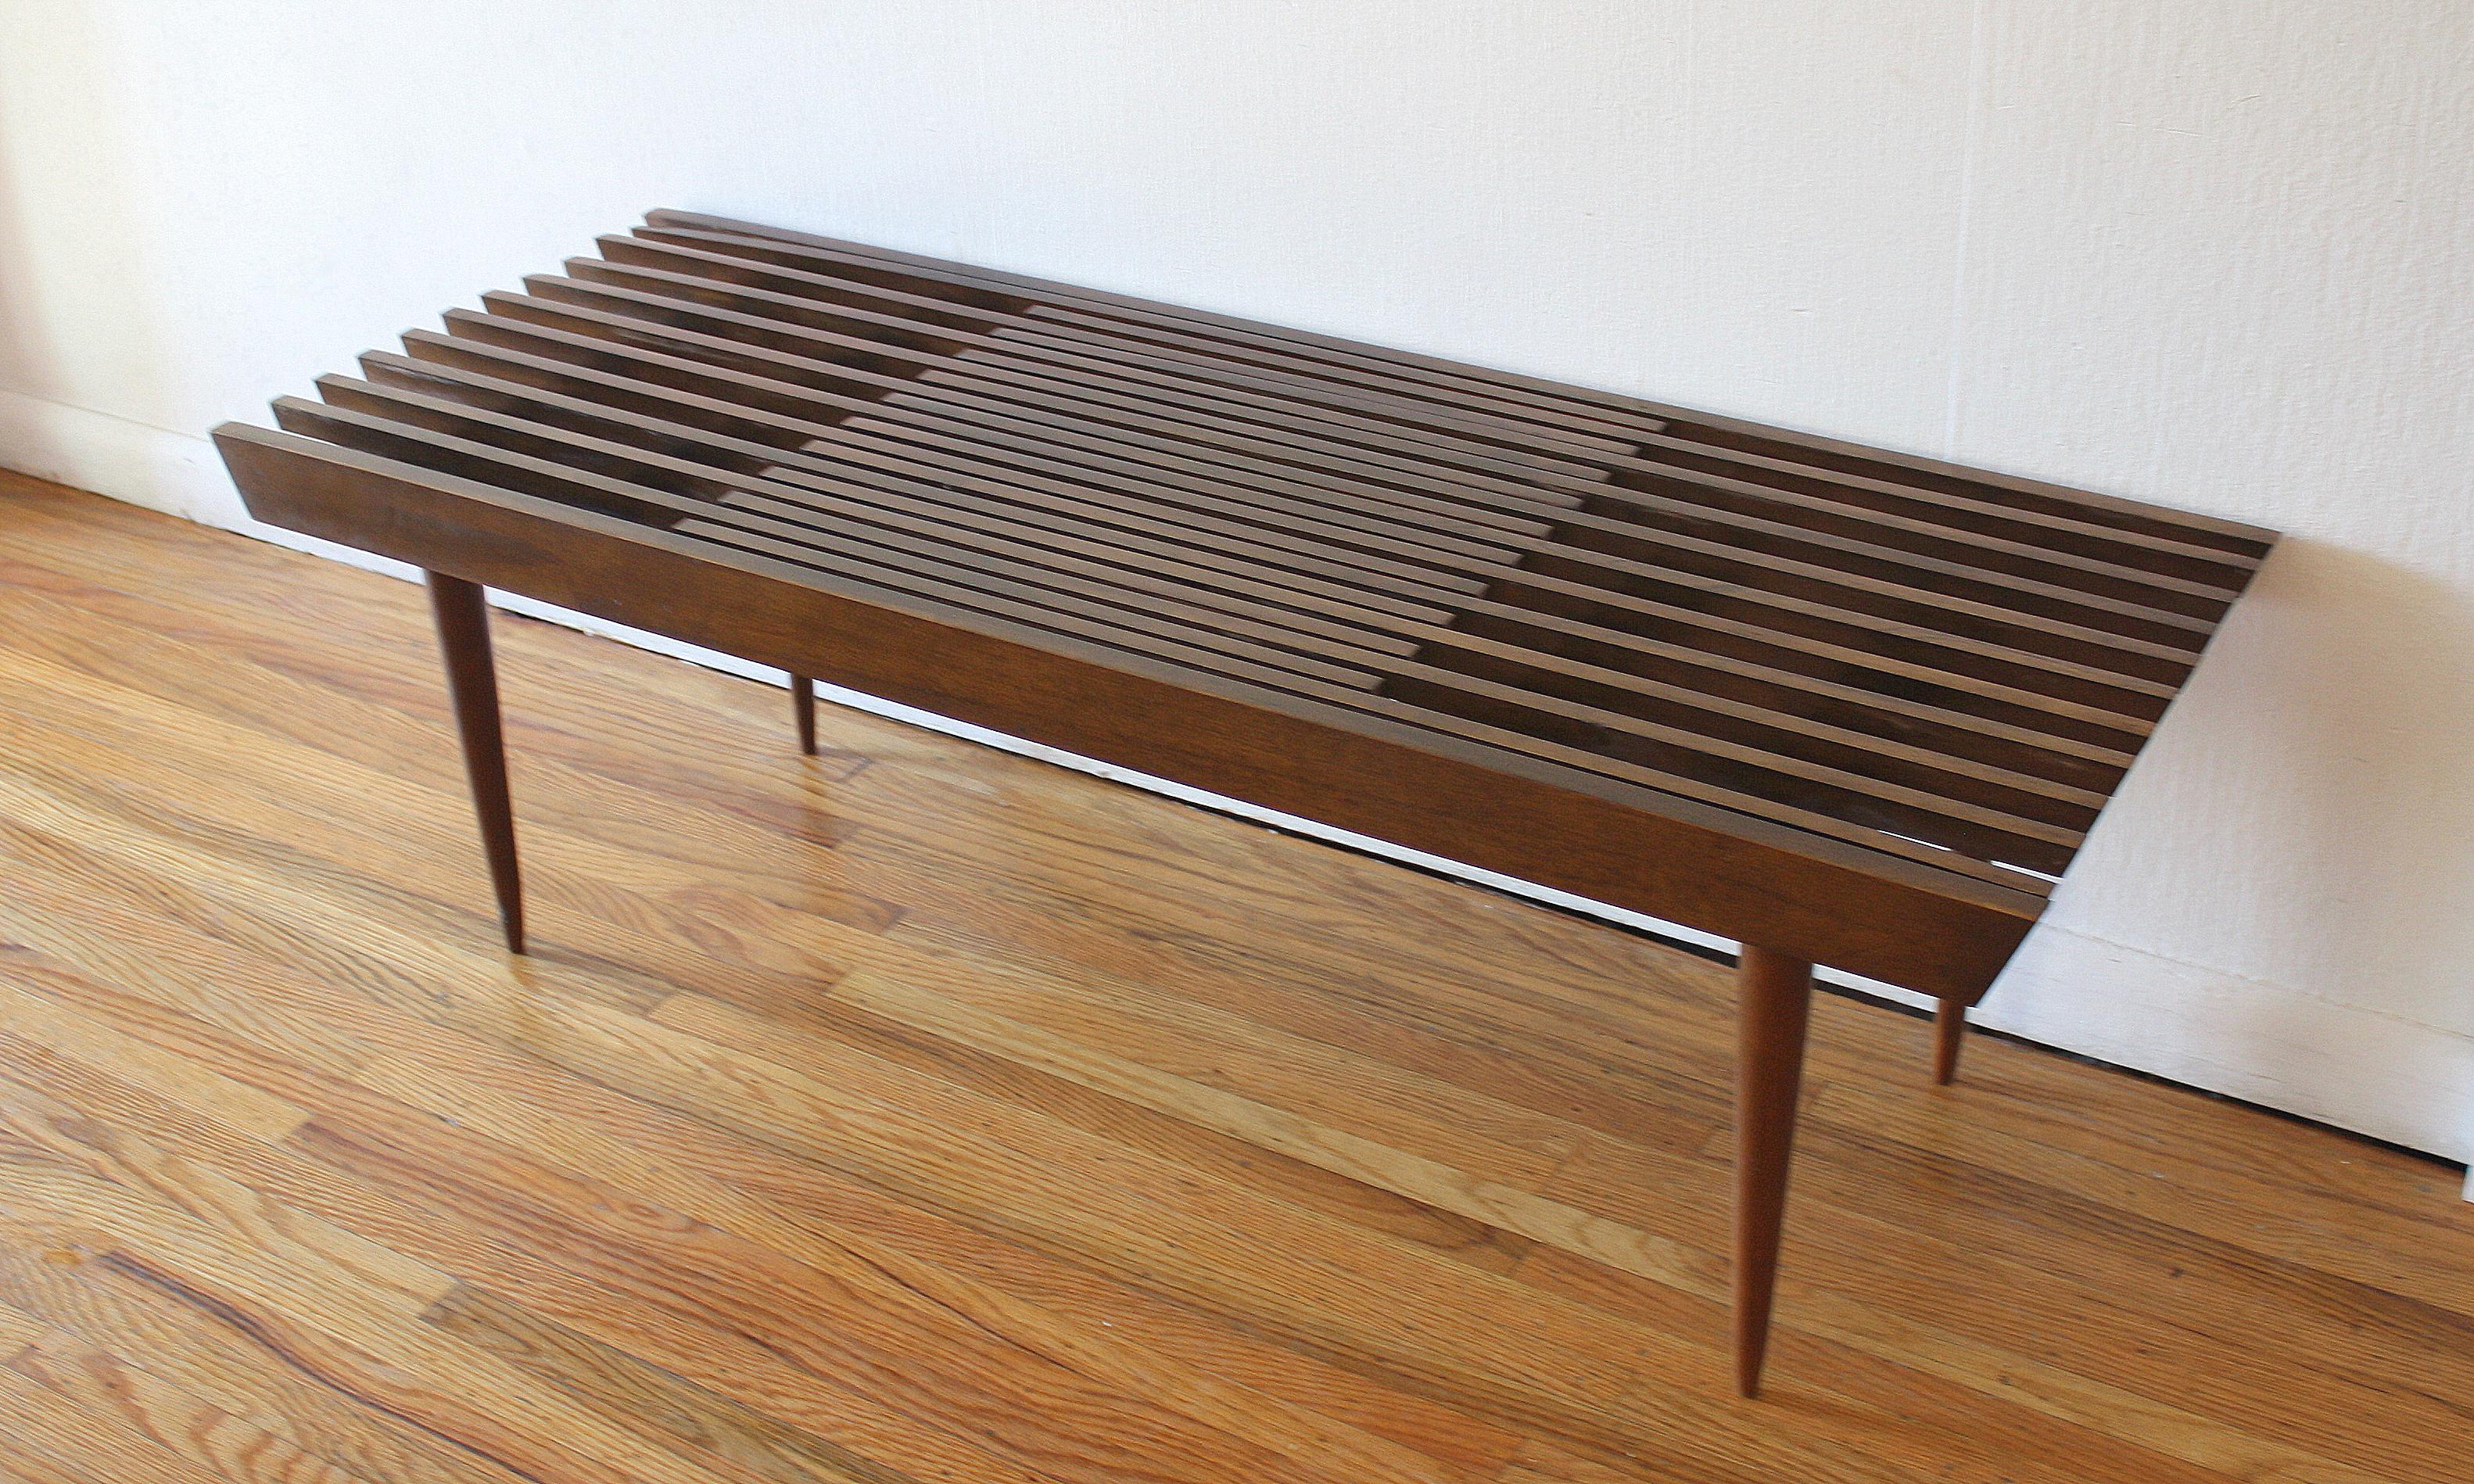 Mcm Extending Slatted Table Bench 3.JPG